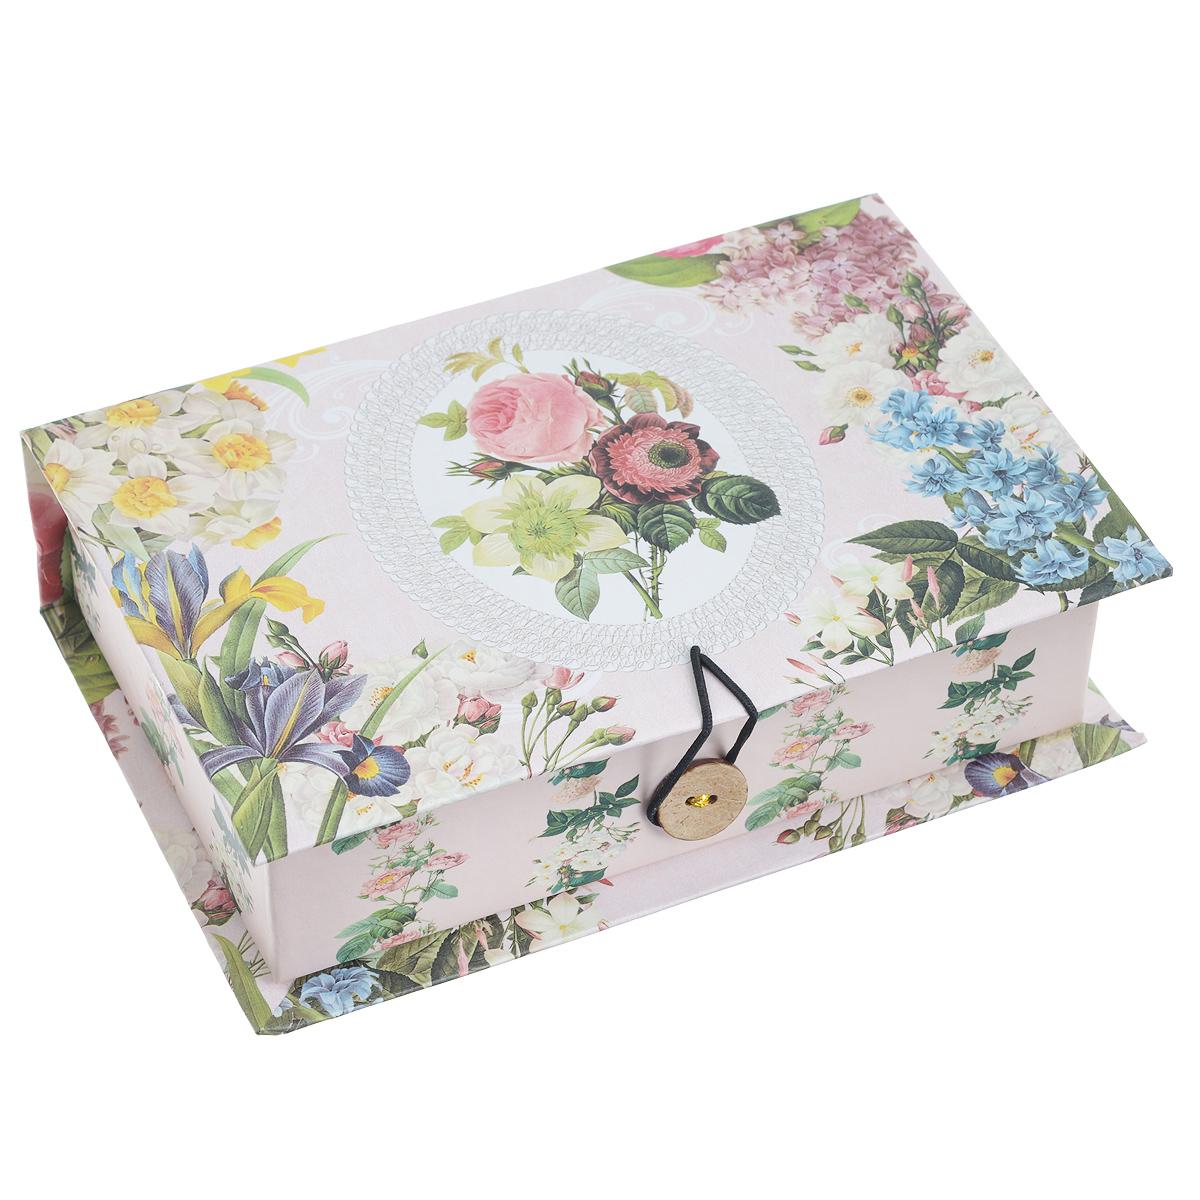 Подарочная коробка Весенний сад, 18 х 12 х 5 см7706830_249Подарочная коробка Весенний сад выполнена из плотного картона. Изделие оформлено изображением цветов. Коробка закрывается на пуговицу.Подарочная коробка - это наилучшее решение, если вы хотите порадовать ваших близких и создать праздничное настроение, ведь подарок, преподнесенный в оригинальной упаковке, всегда будет самым эффектным и запоминающимся. Окружите близких людей вниманием и заботой, вручив презент в нарядном, праздничном оформлении.Плотность картона: 1100 г/м2.